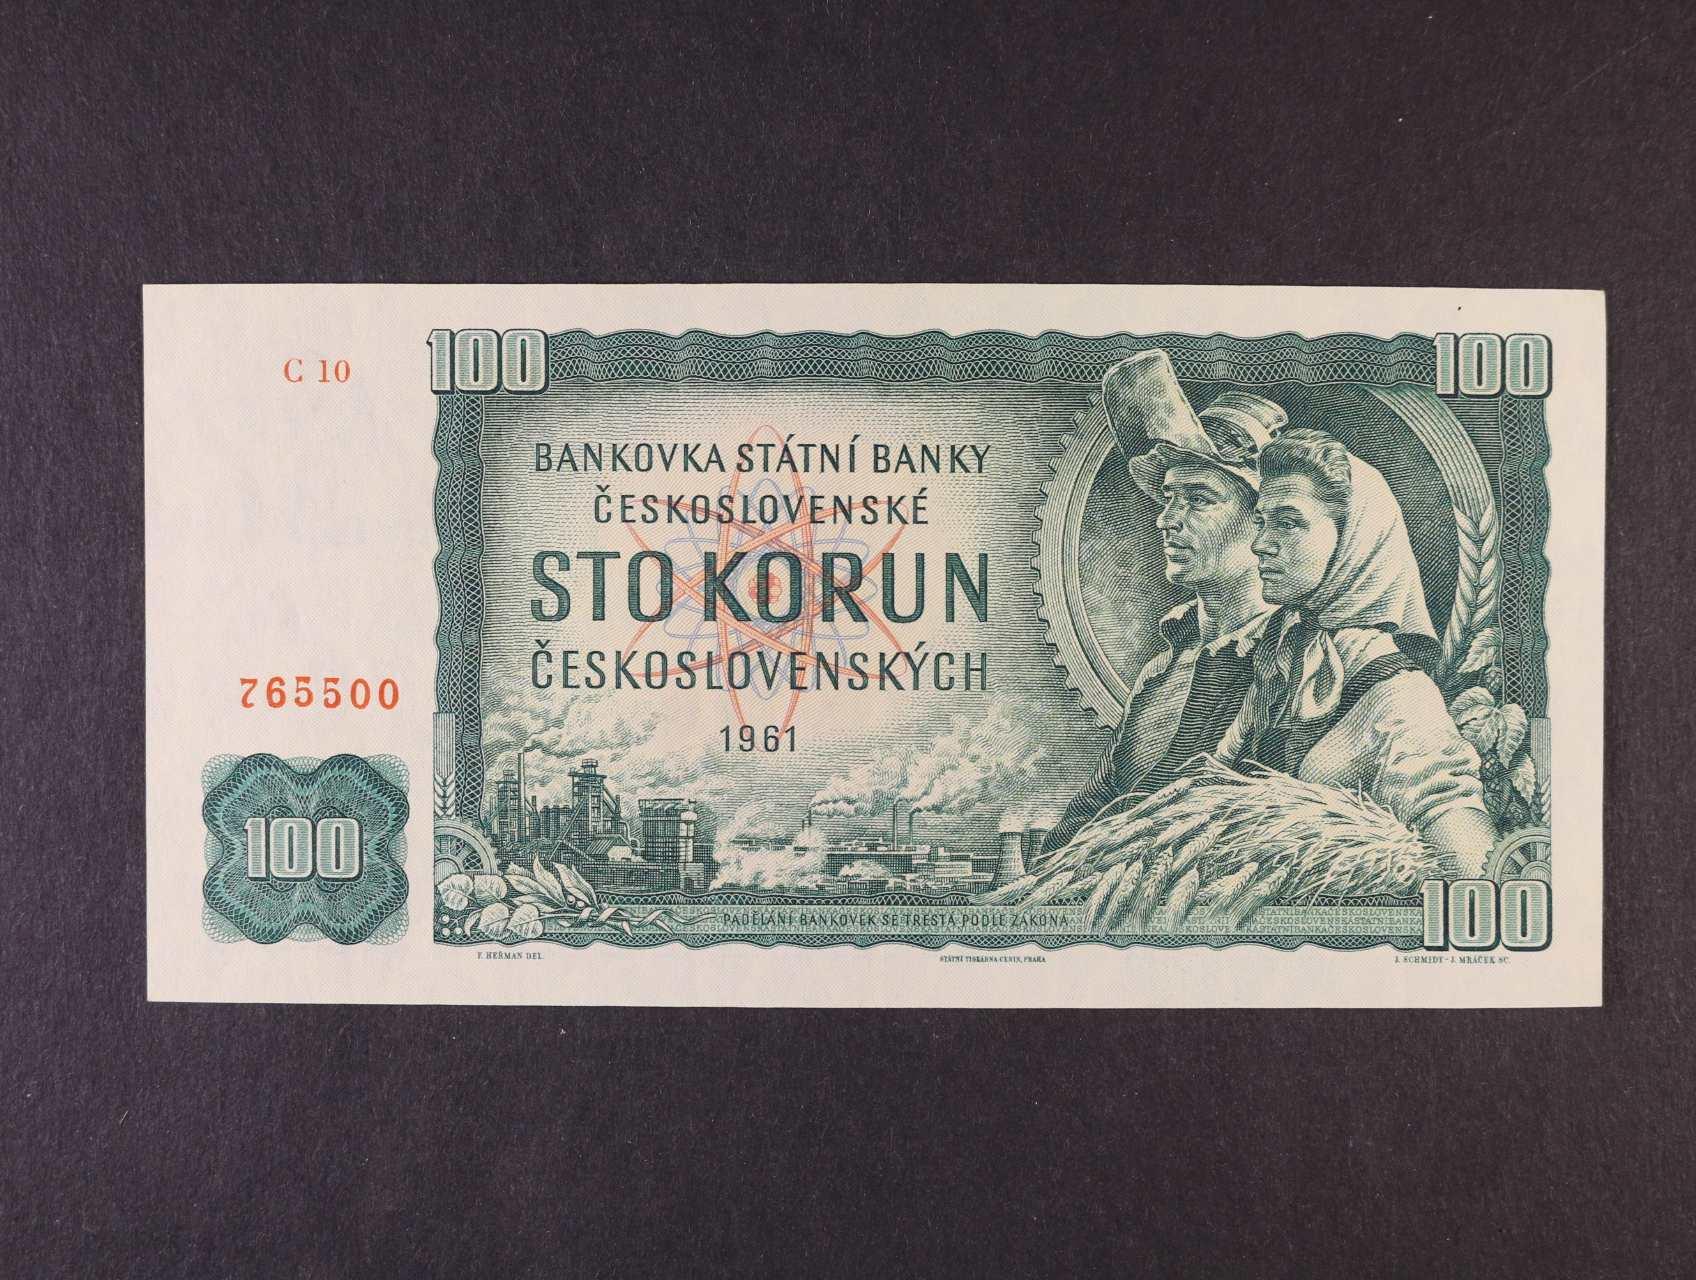 100 Kčs 1961 série C 10, Ba. 98a1, Pi. 91, vodoznaková výztuž na rubu bankovky